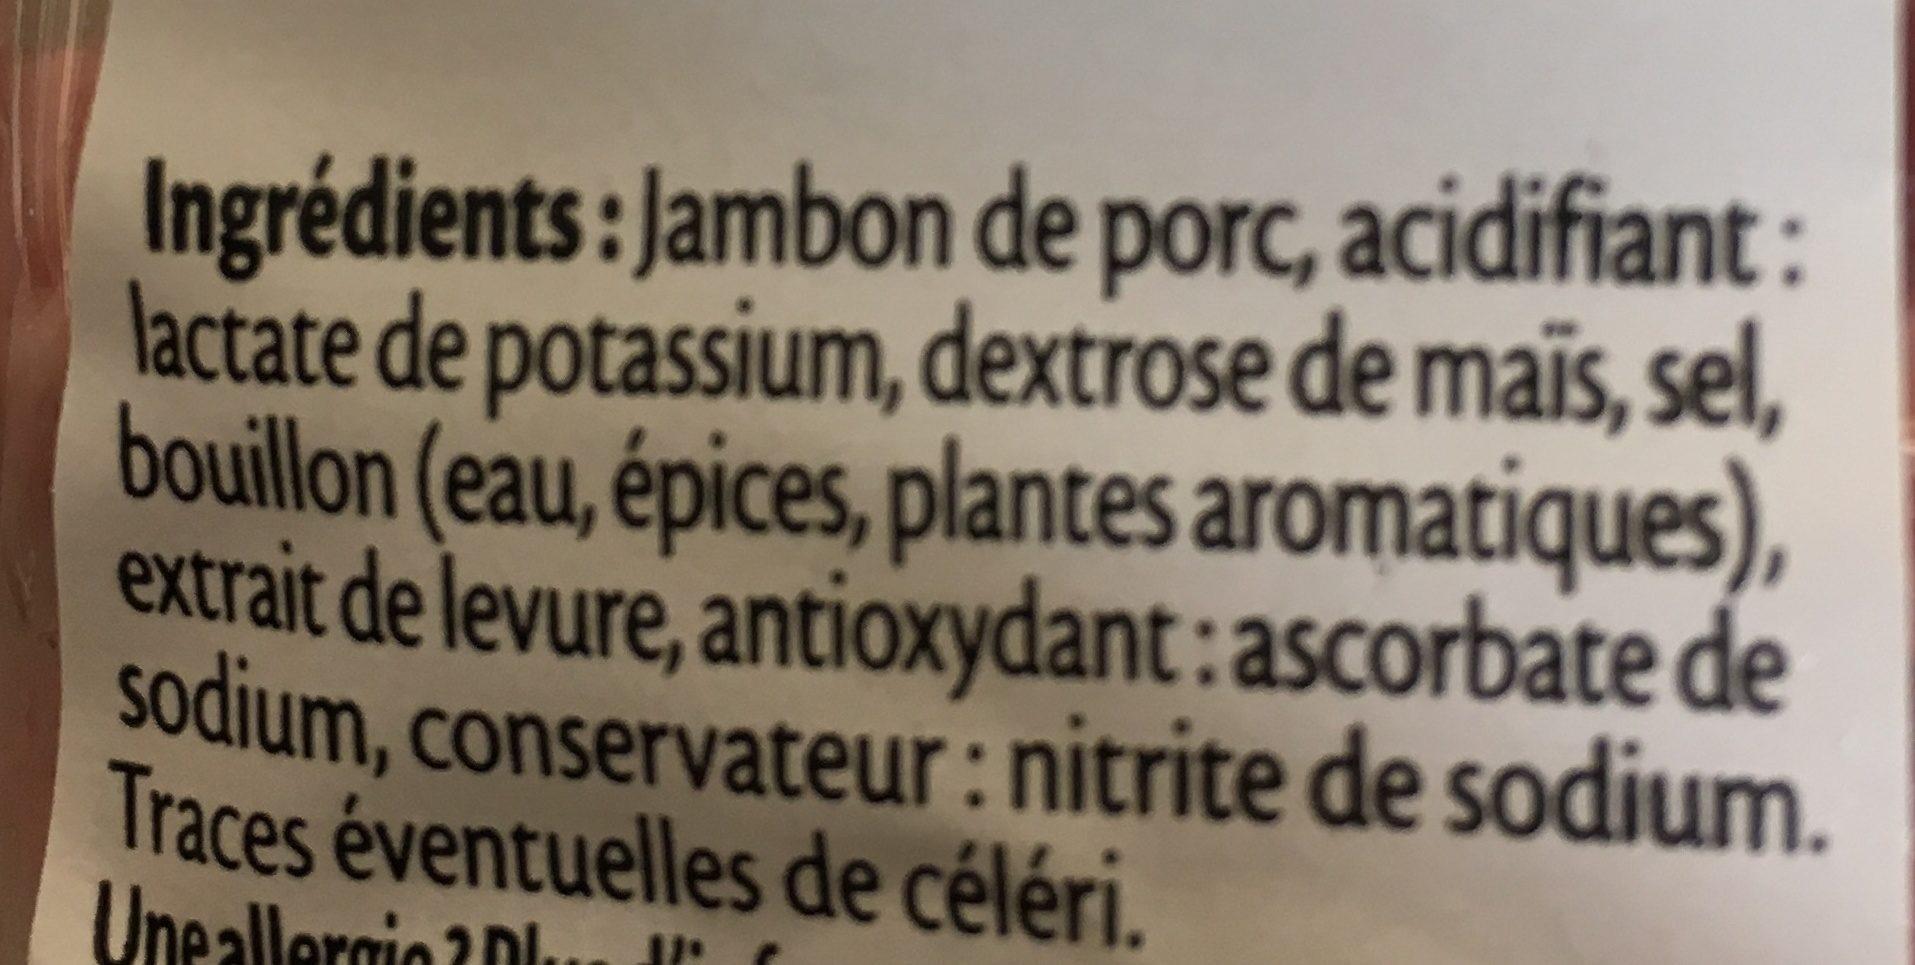 Dés de jambon de Paris - 2x75g. - Ingredients